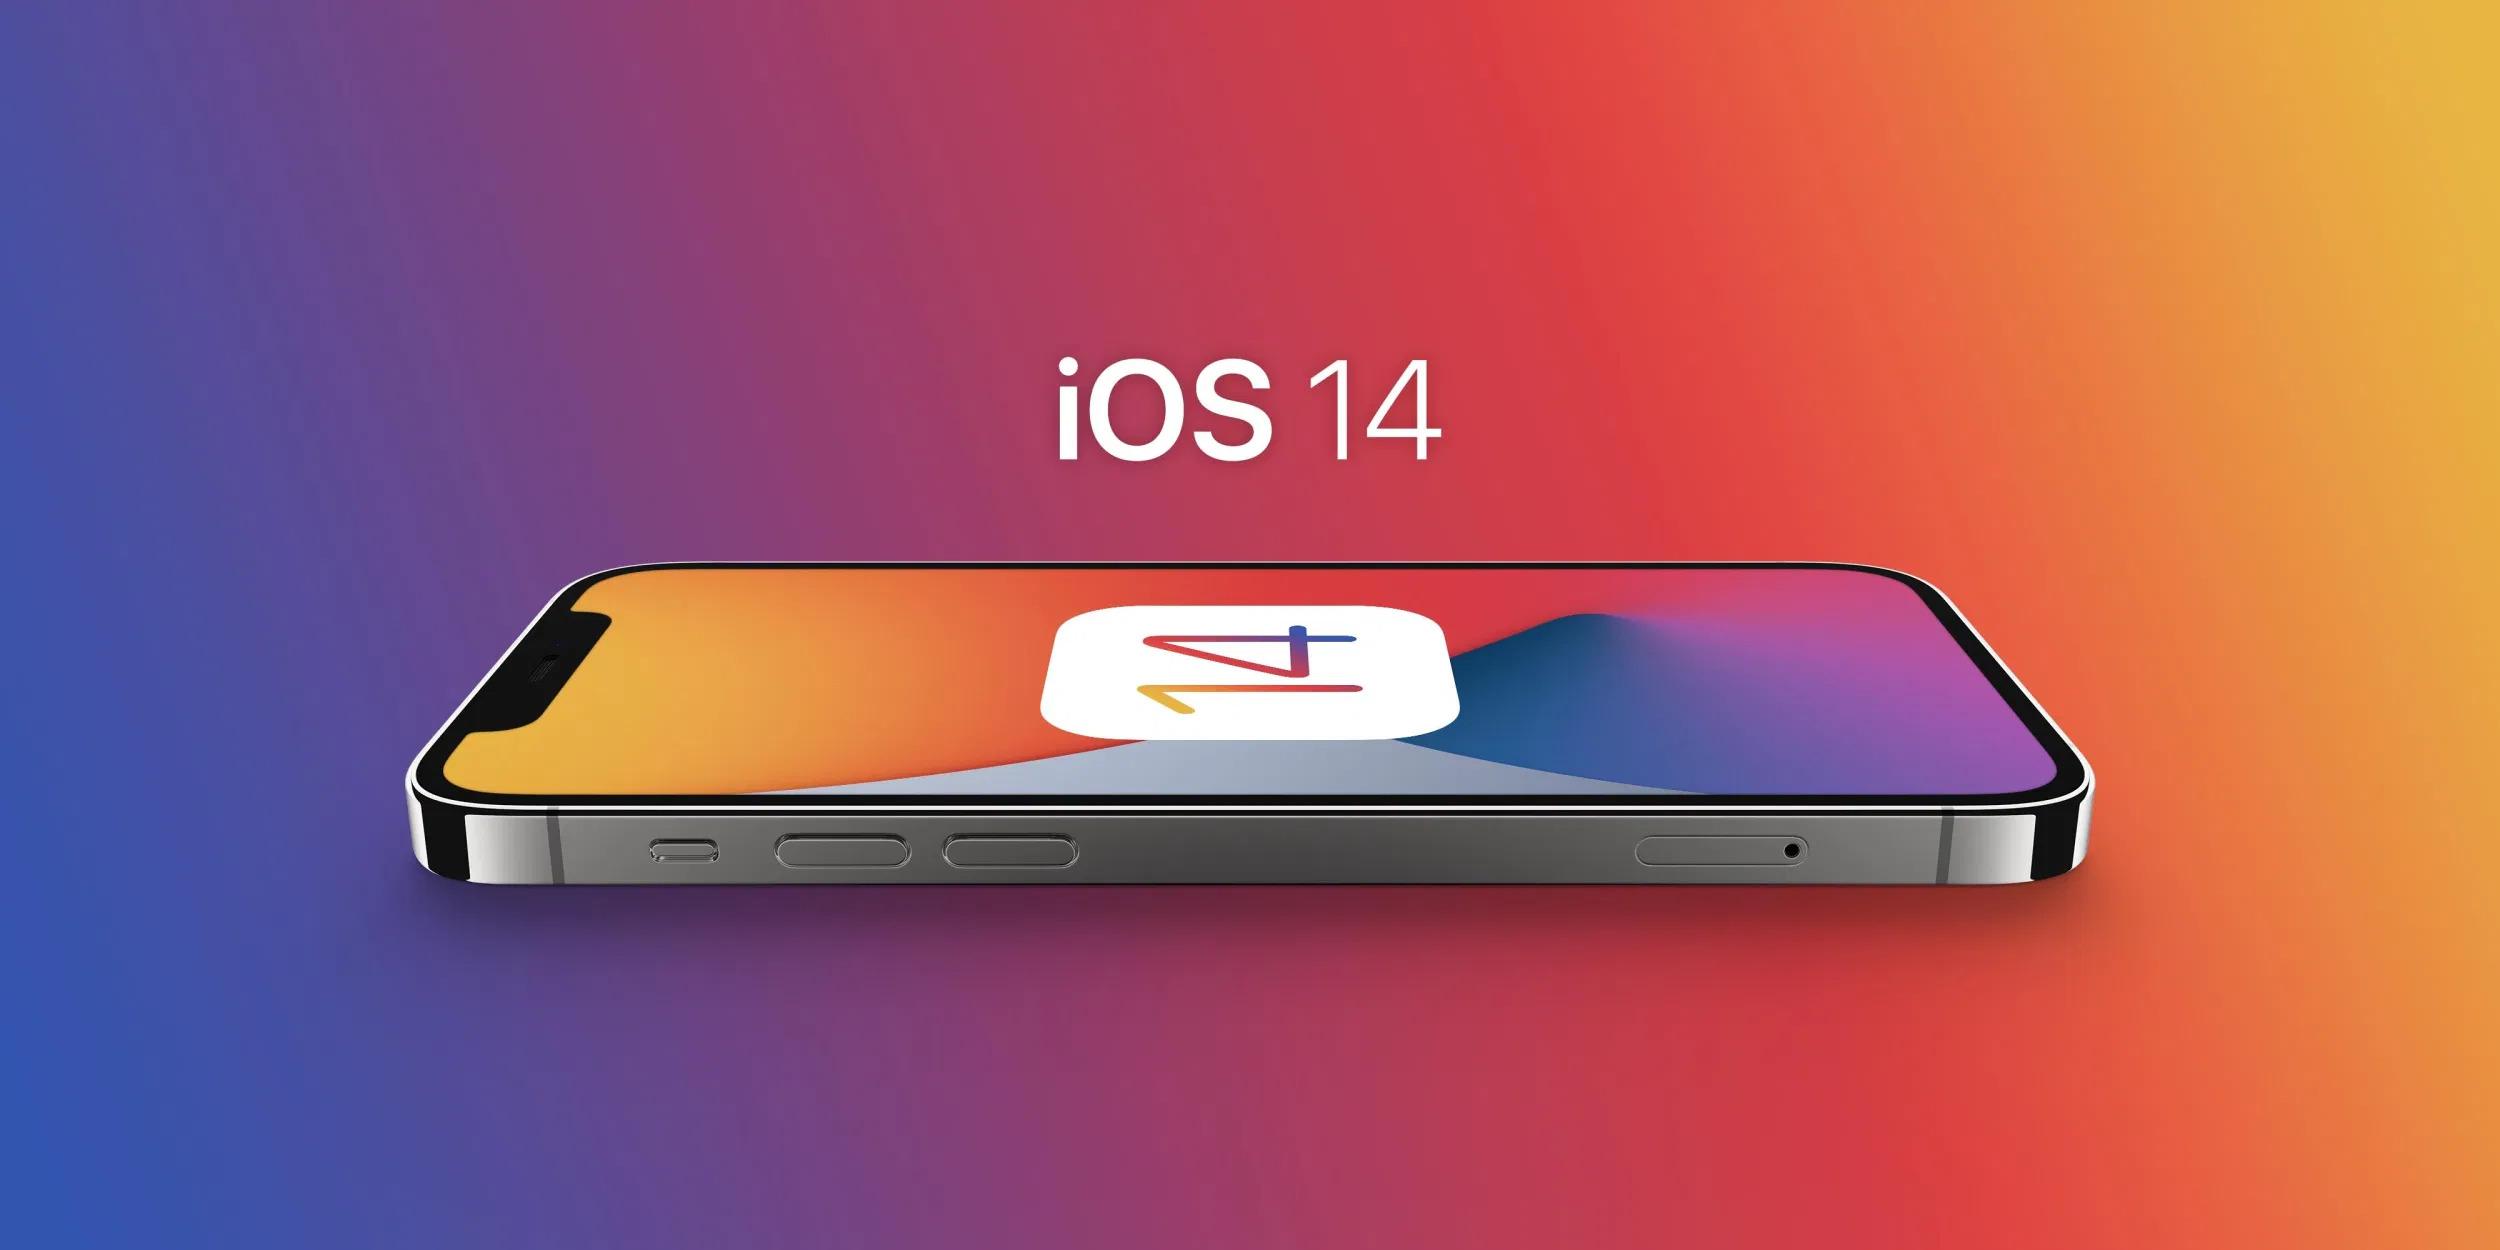 Apple chystá iOS 14.8, poprvé iOS s přídavkem .8